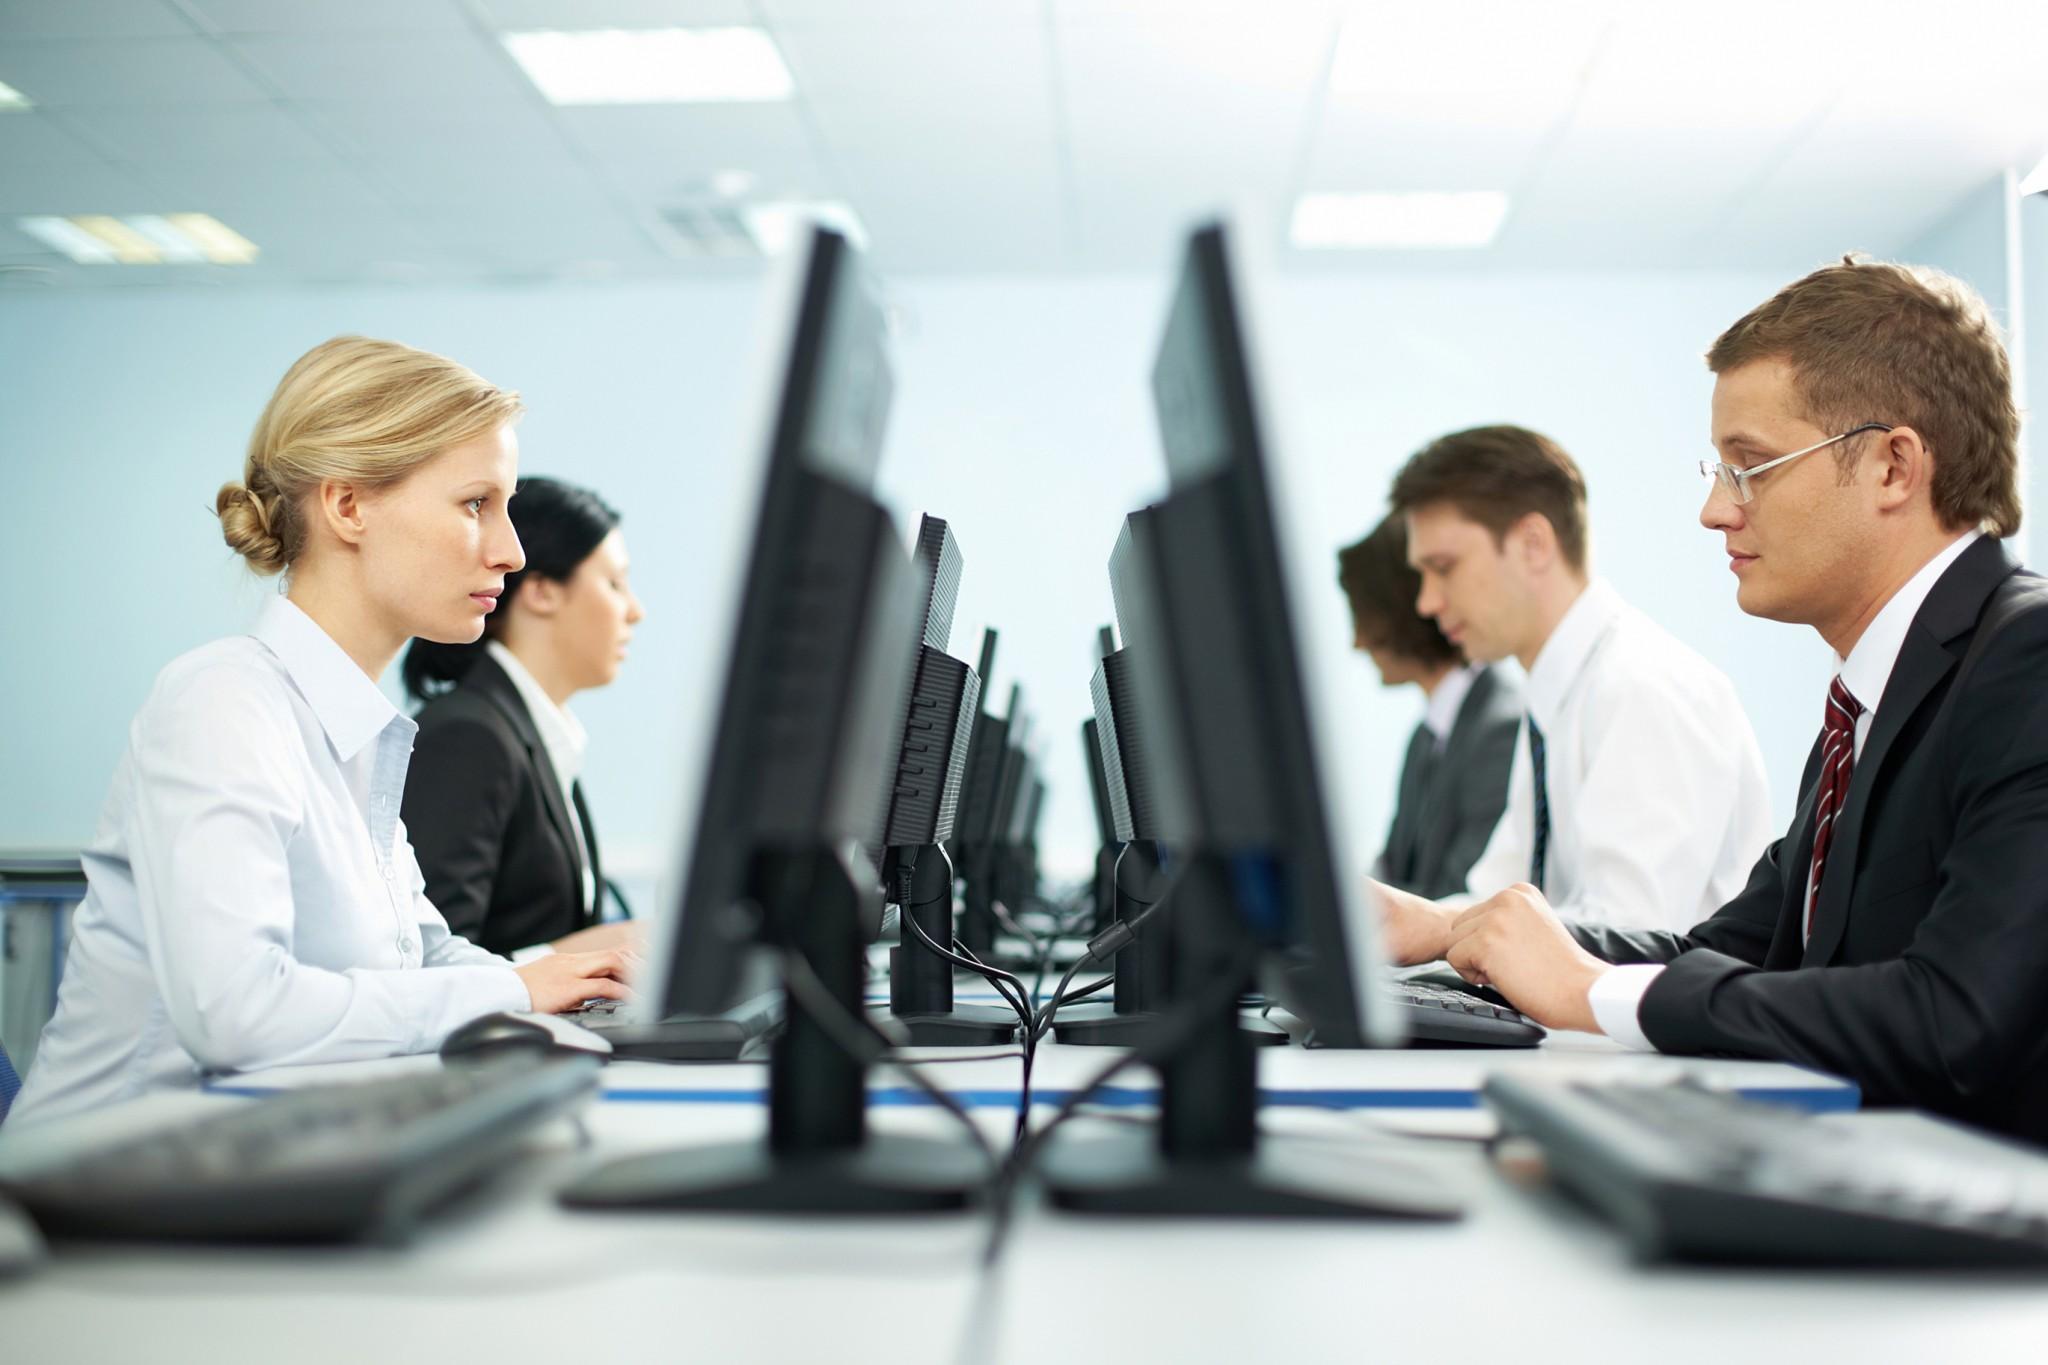 نشانههای عقبماندگی سازمان از استانداردهای نوین محیط کاری